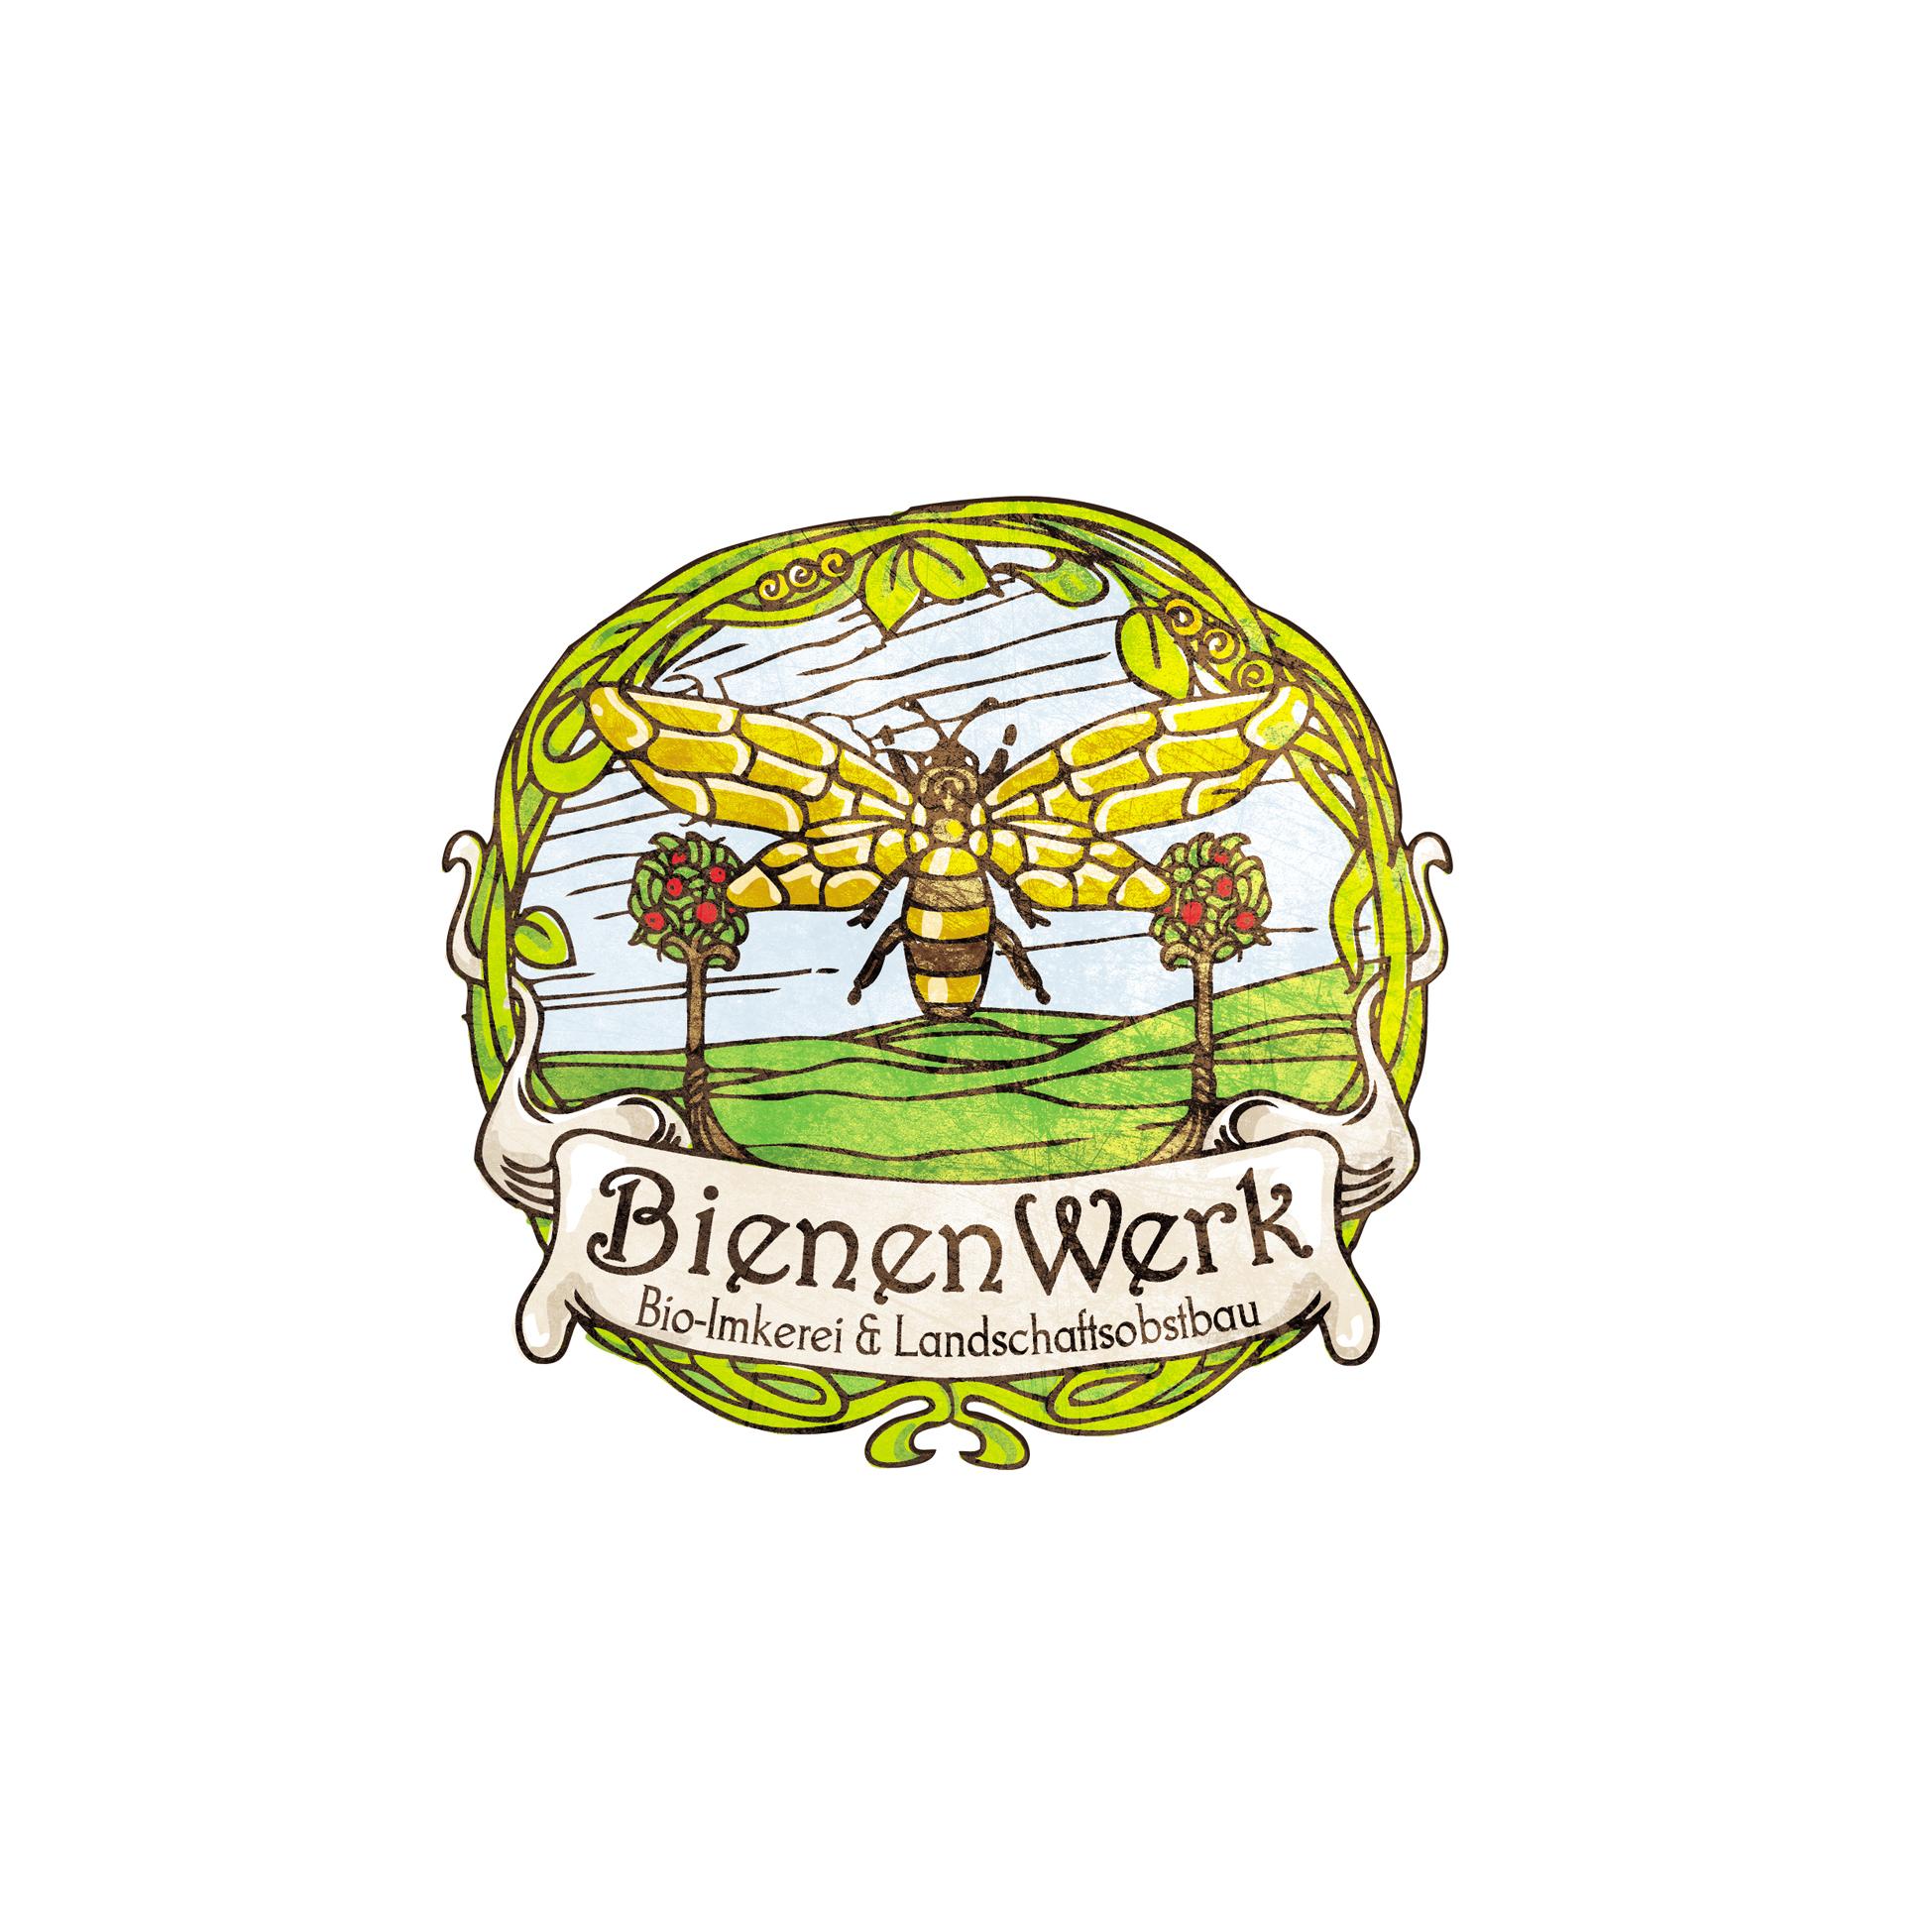 Logo-Design für eine Imkerei mit Landschaftsobstbau gesucht